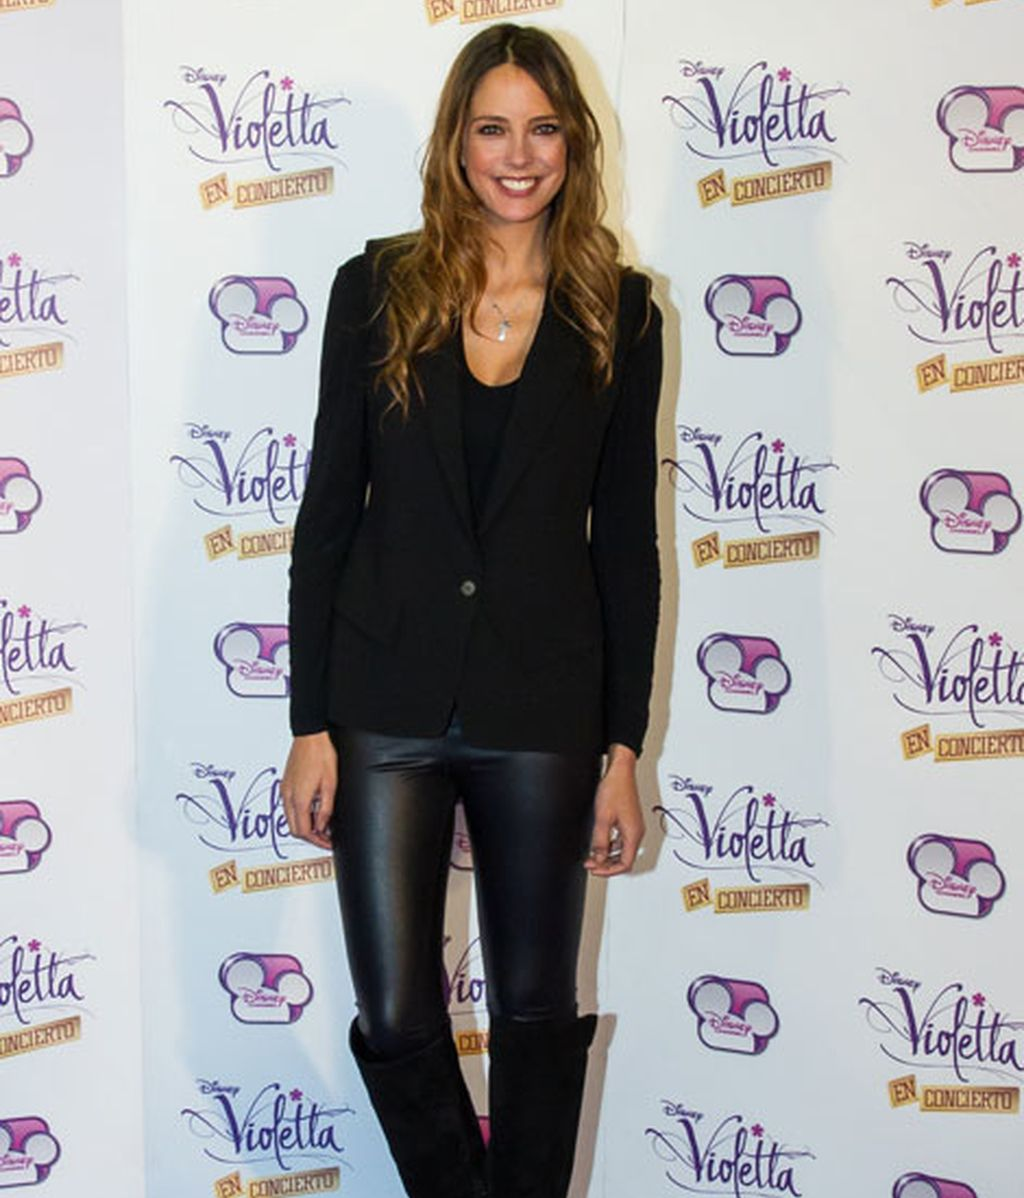 La modelo Estefanía Luyk, con un look 'total black'